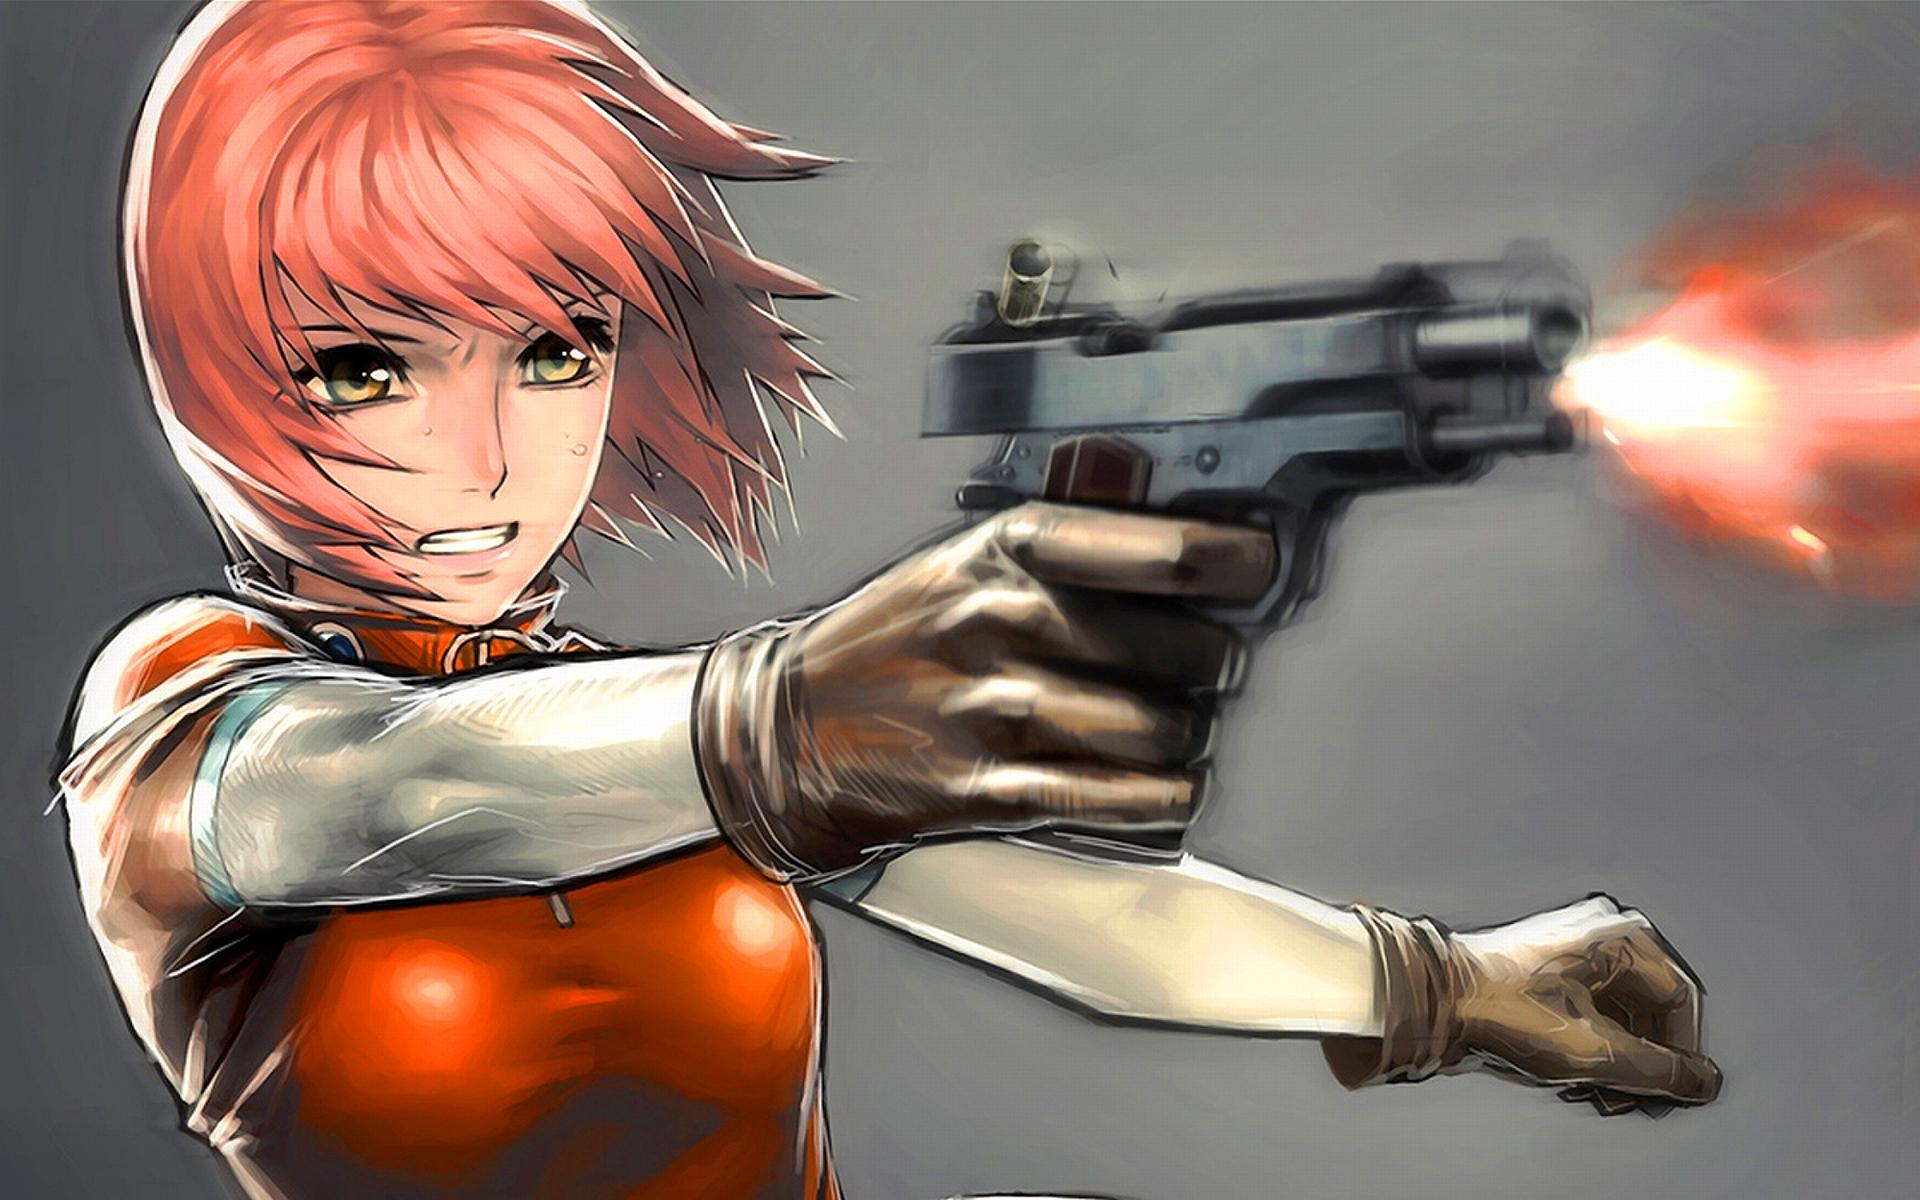 Anime girl shooting